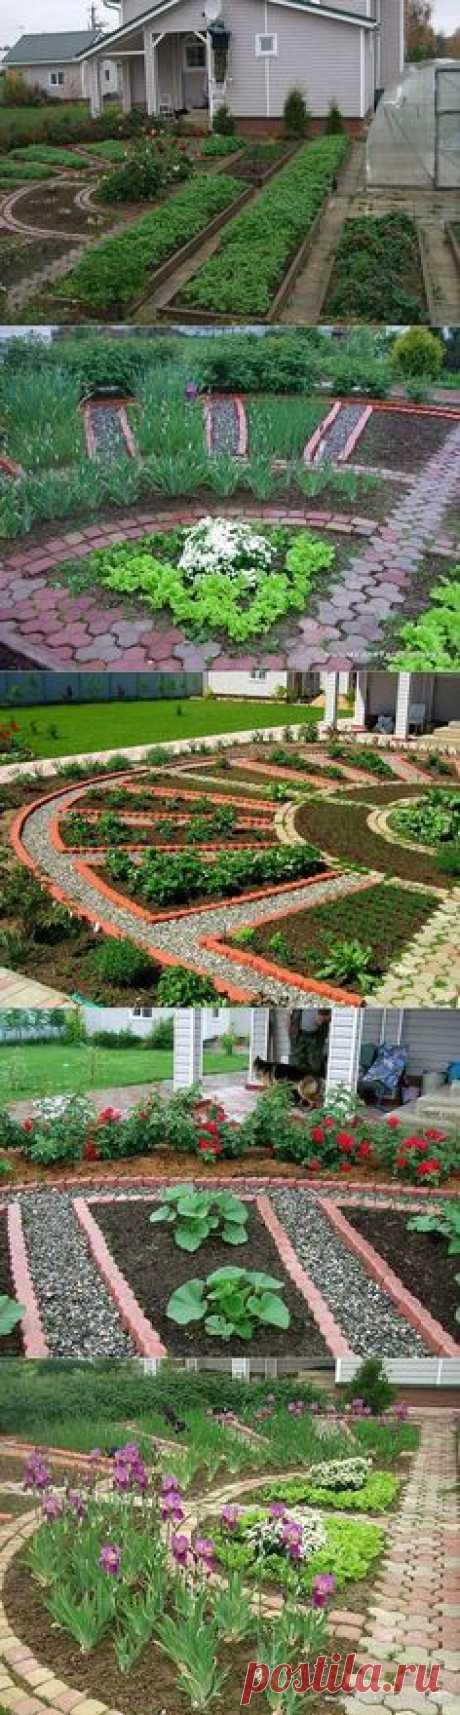 Мой любимый Домик в деревне - декоративный огород. | ✿✿✿ Семь Соток | Постила